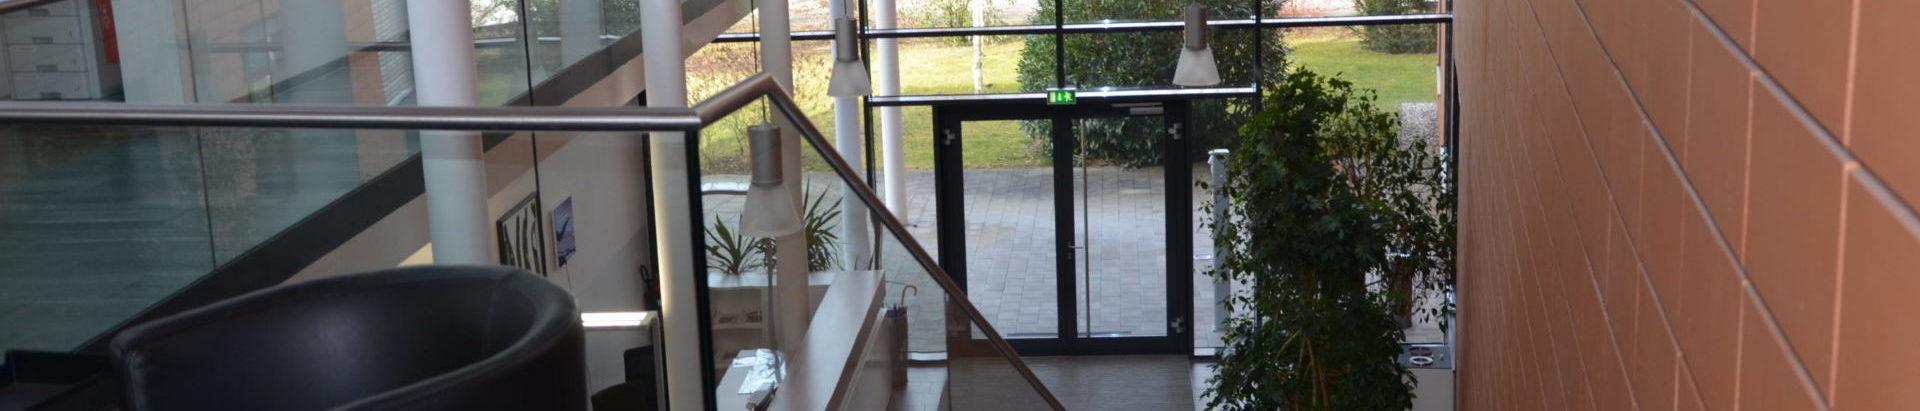 AMO Foyer